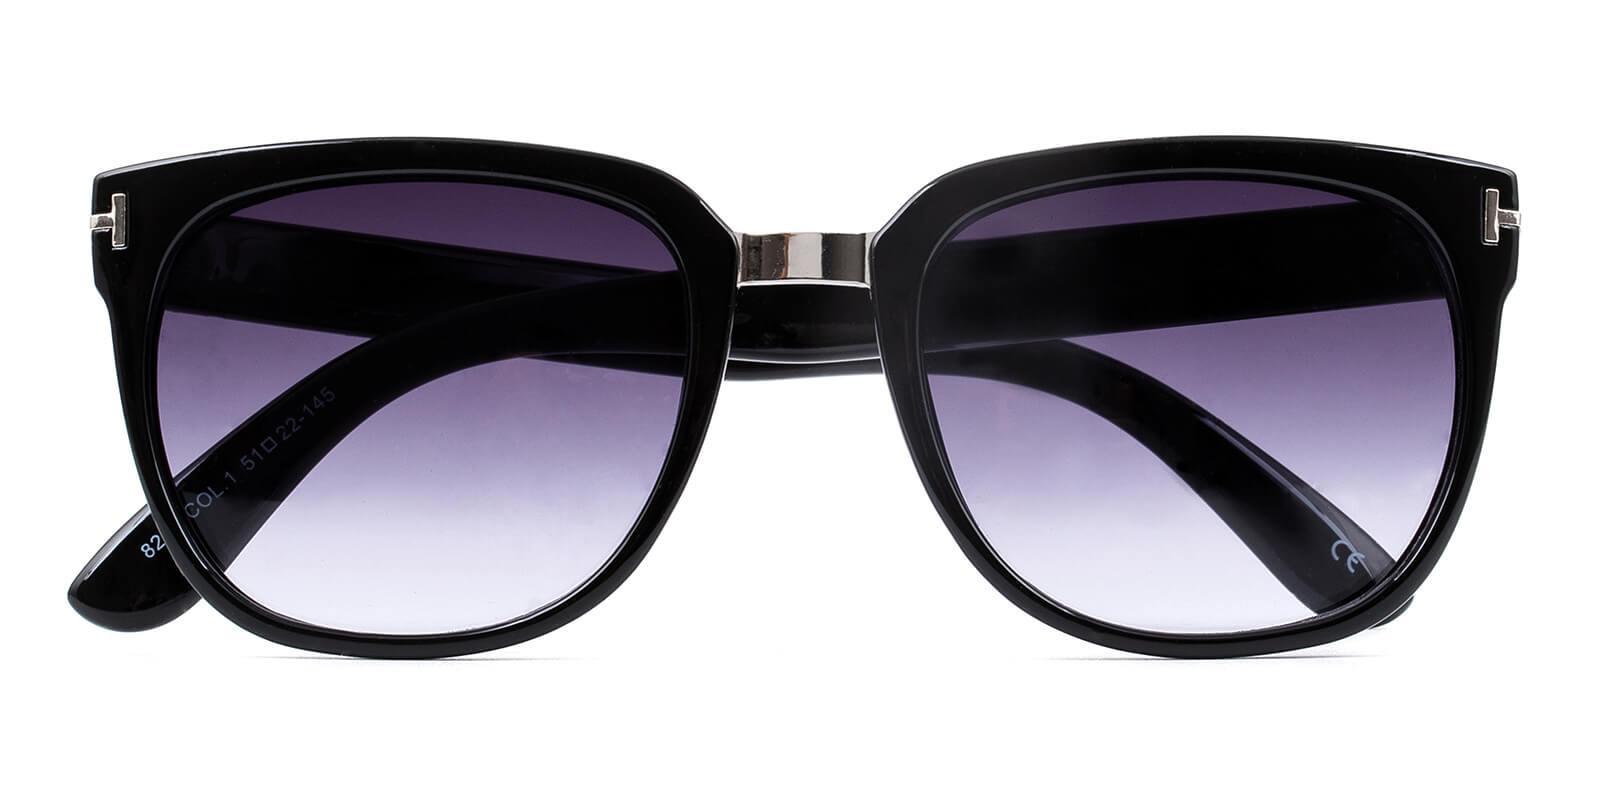 Vamp-Black-Square-Acetate-Sunglasses-detail